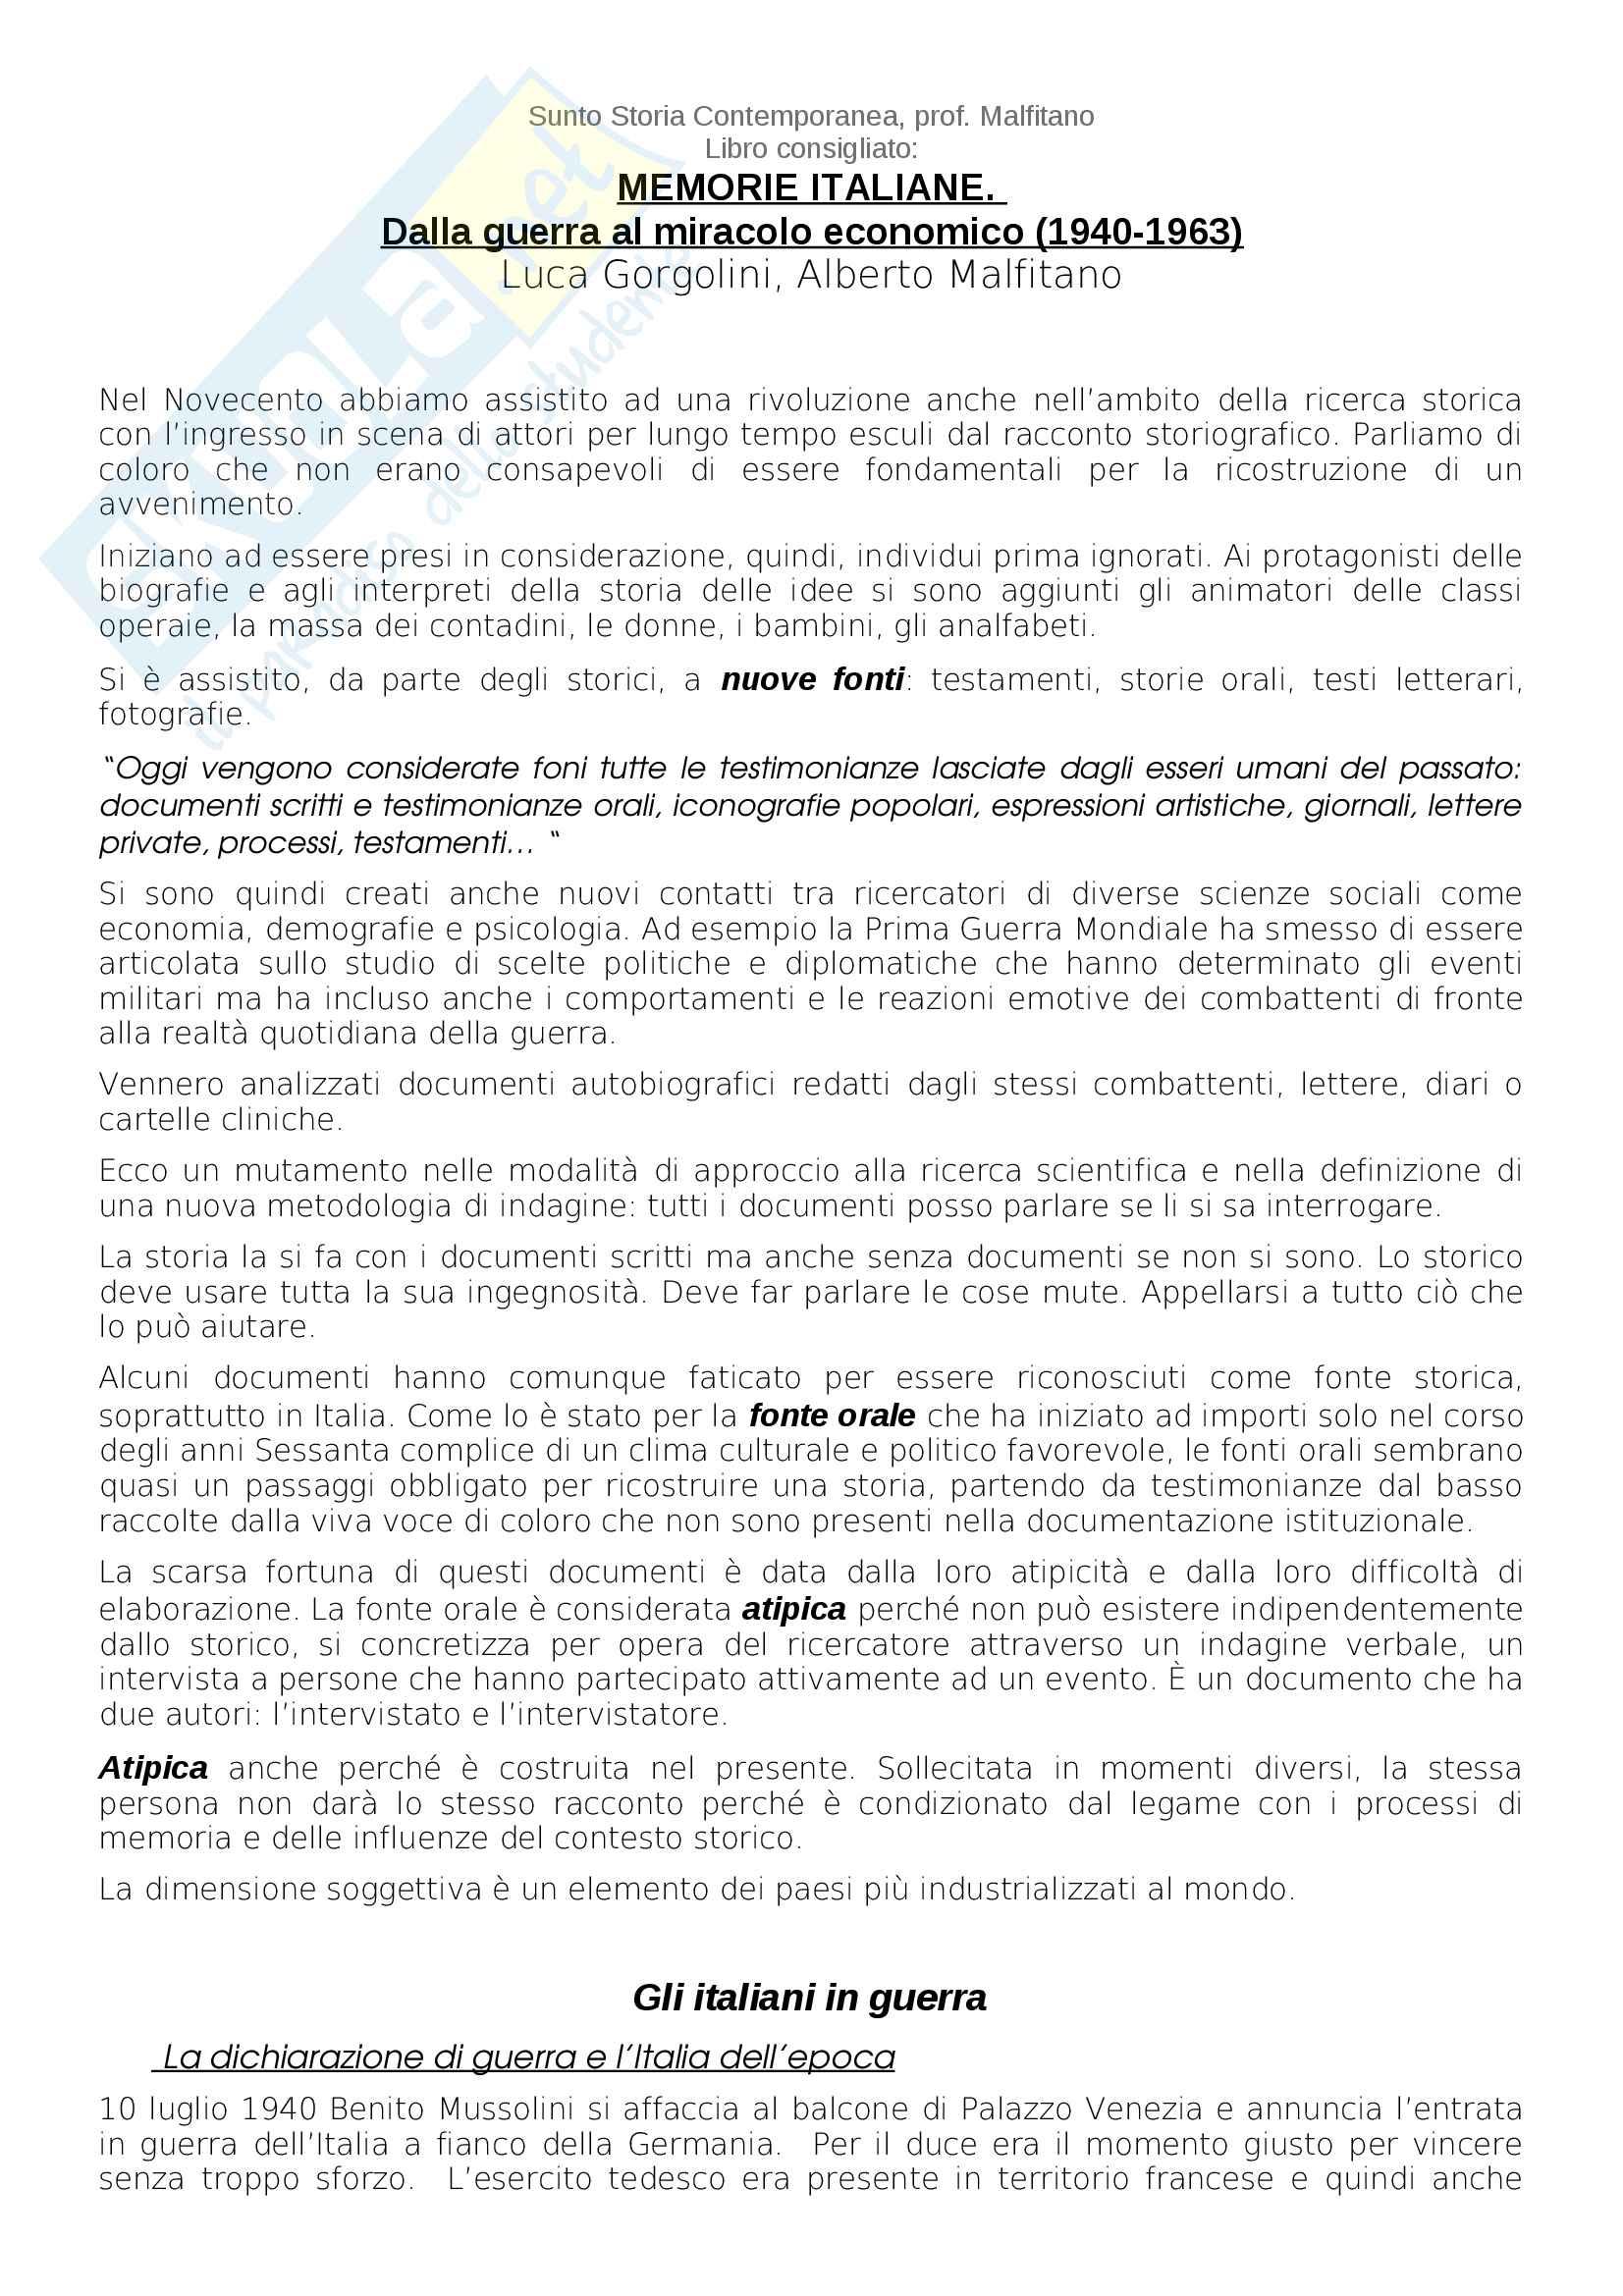 Riassunto esame storia contemporanea, Prof Malfitano, libro consigliato Memorie Italiane, dalla guerra al miracolo economico di Malfitano